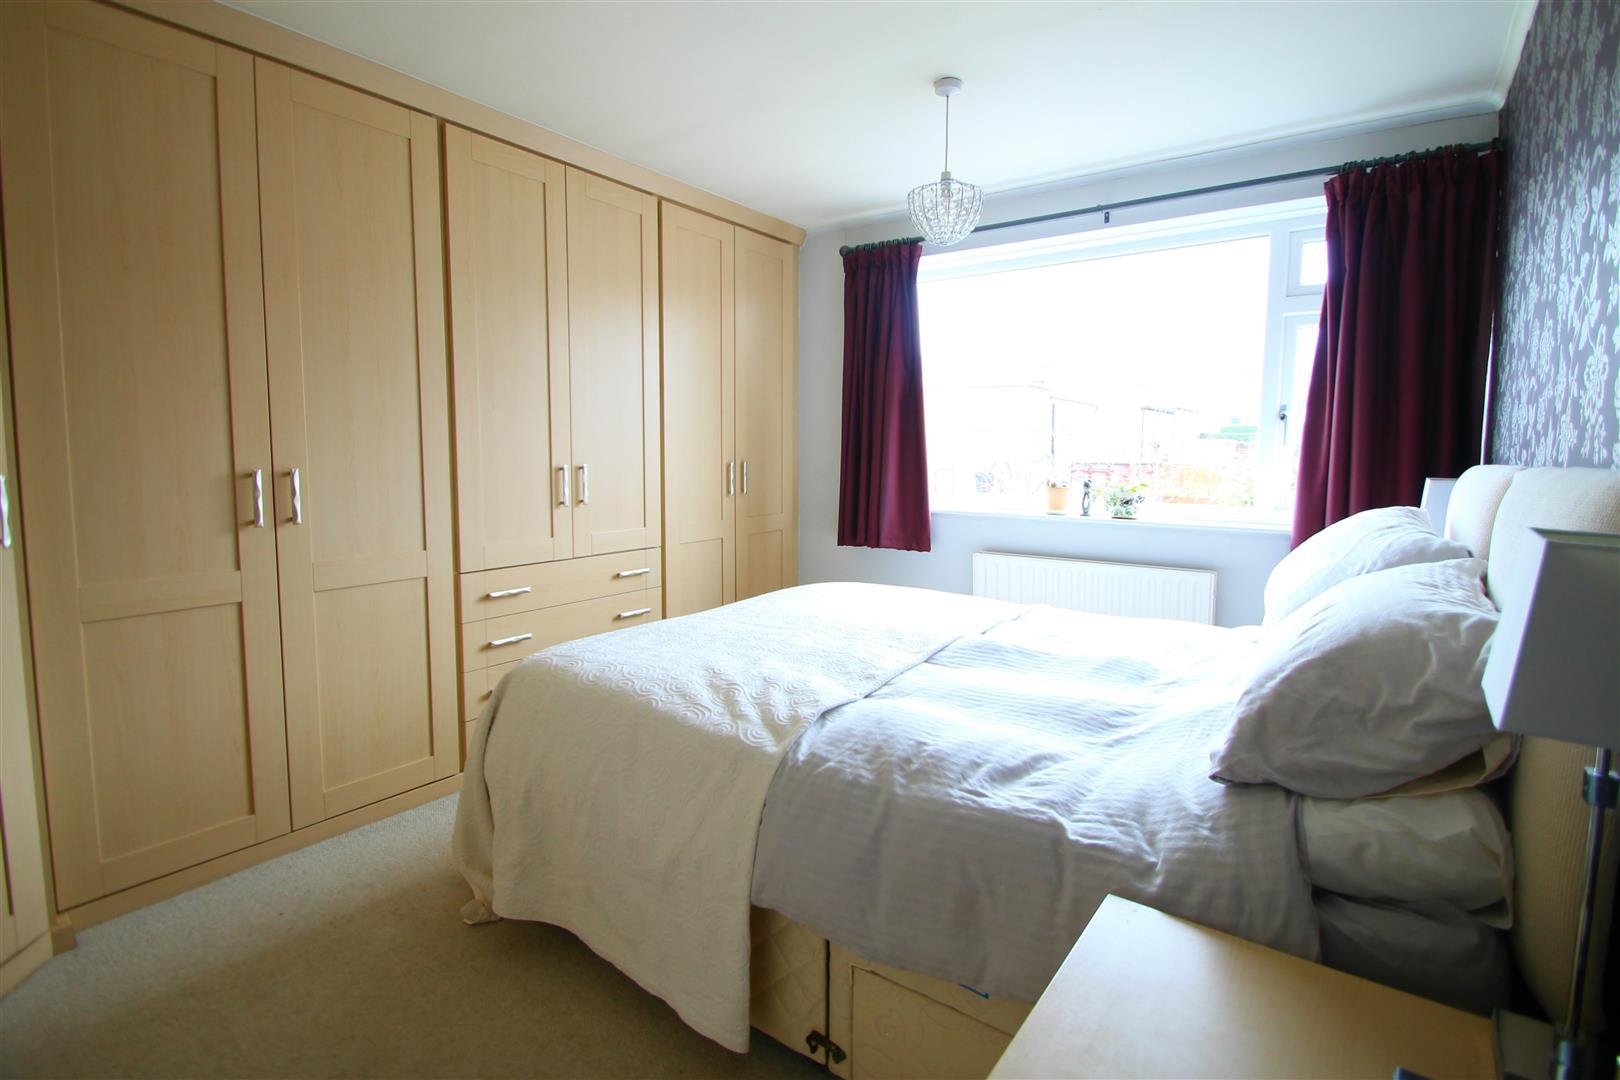 brooklands lane menston ls29 6pj. Black Bedroom Furniture Sets. Home Design Ideas